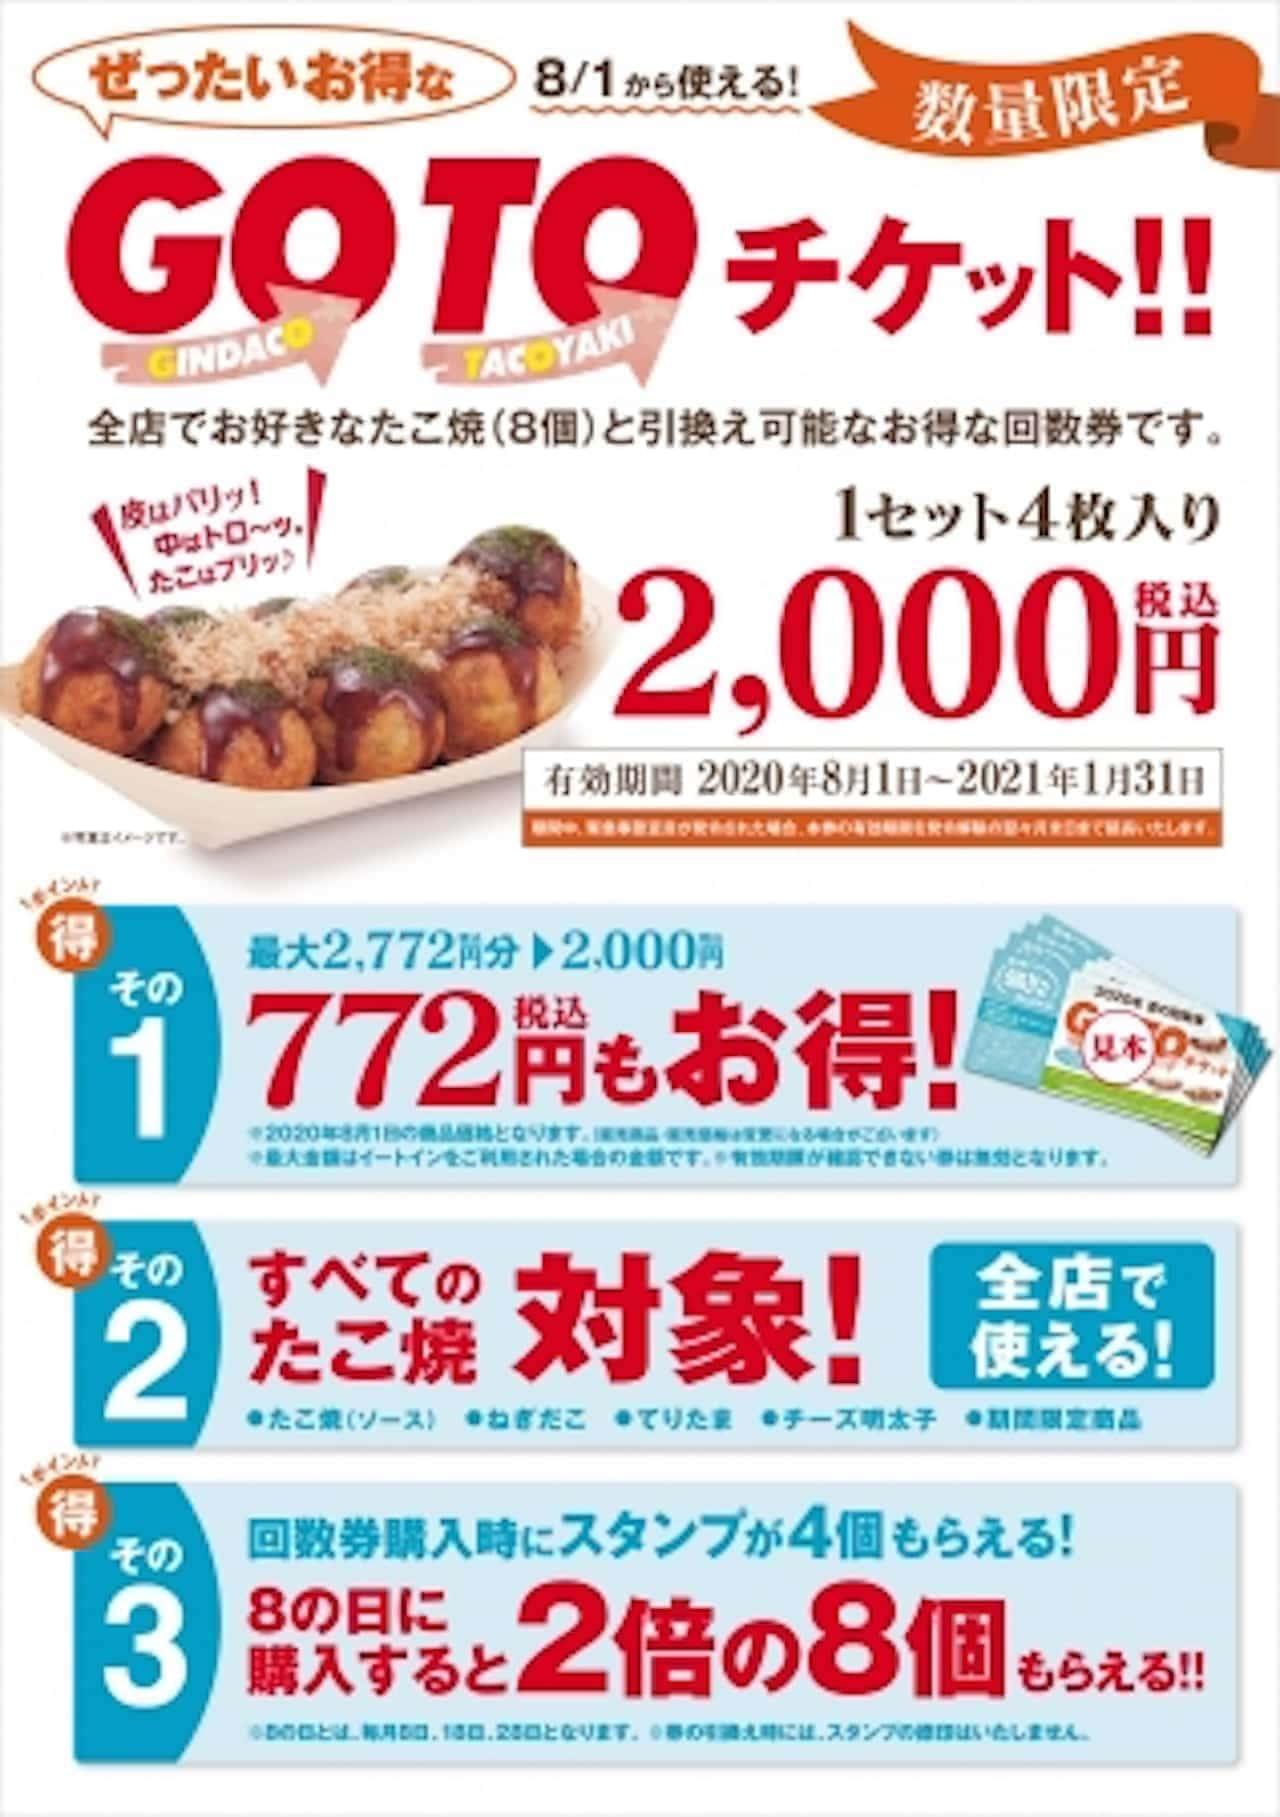 築地銀だこからぜったいお得な夏の回数券「GindacO TakOyaki チケット(略して、GO TO チケット)」